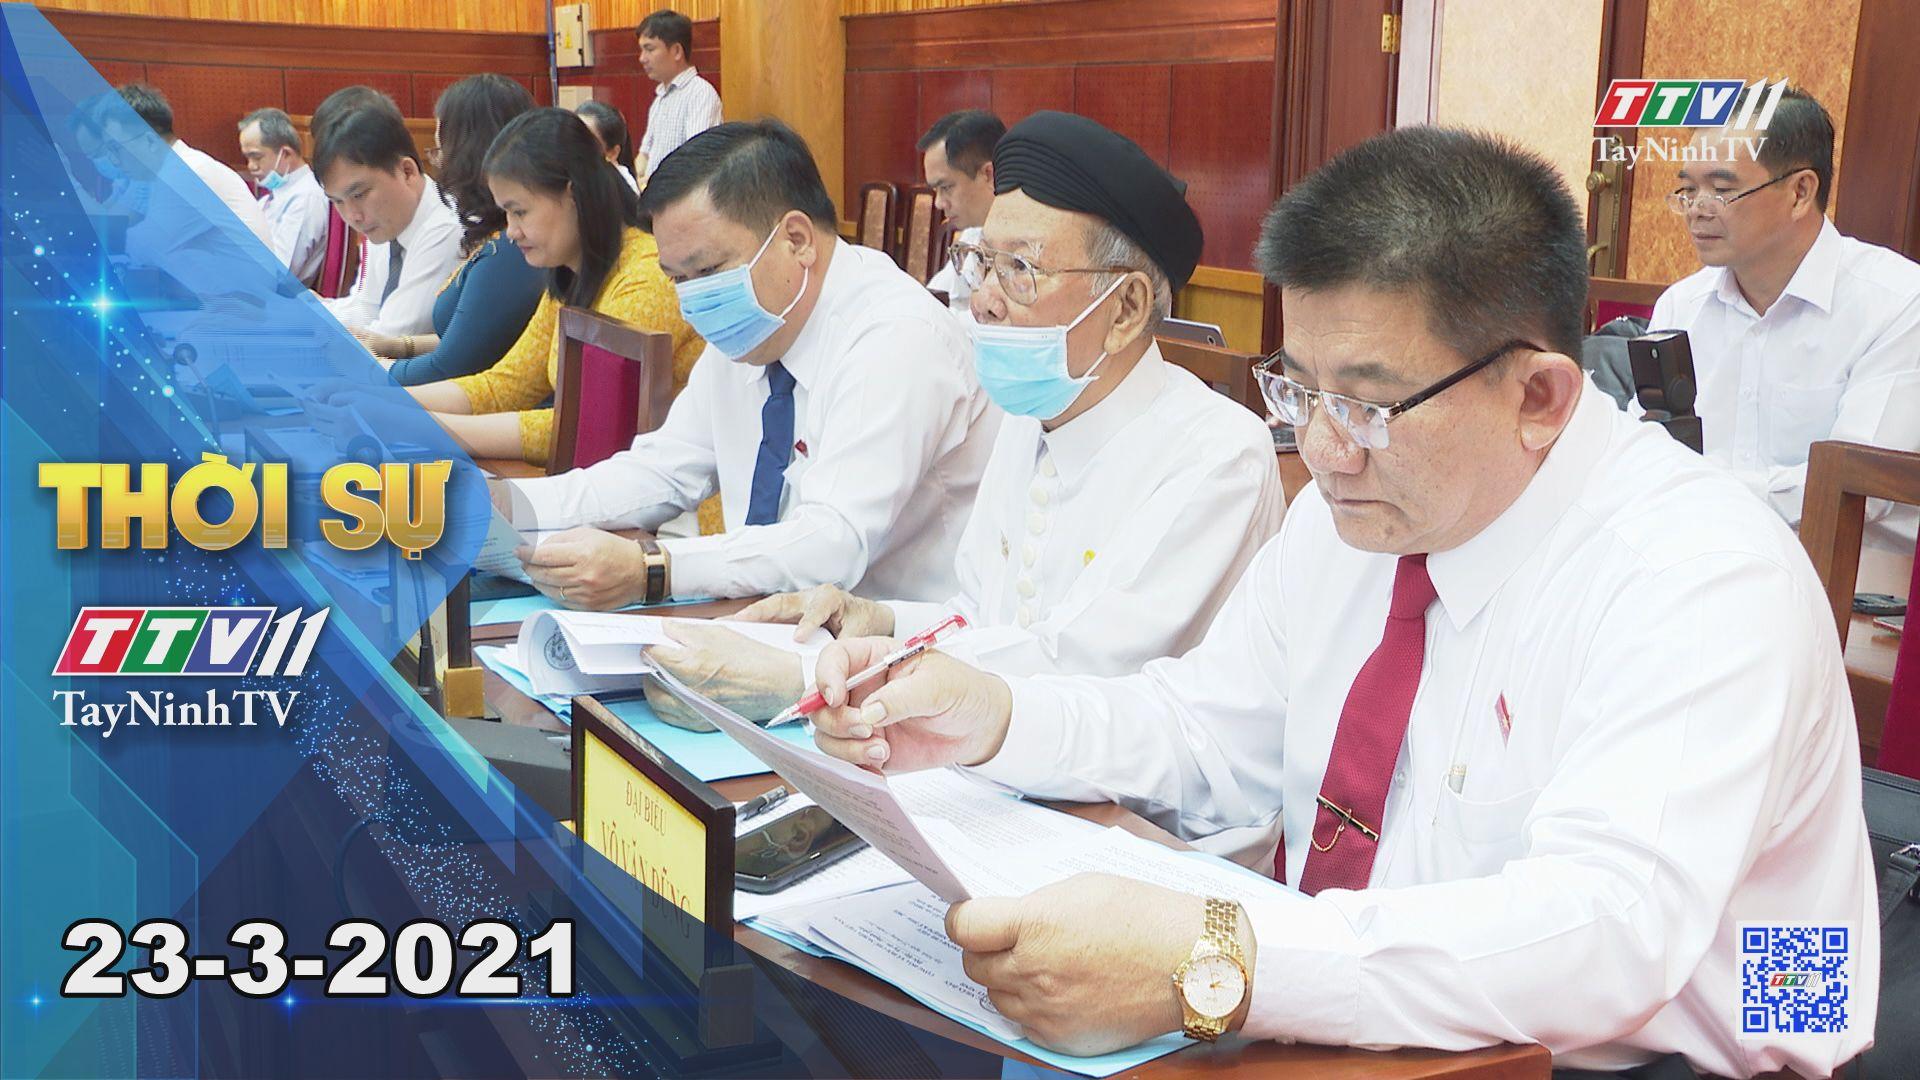 Thời sự Tây Ninh 23-3-2021 | Tin tức hôm nay | TayNinhTV